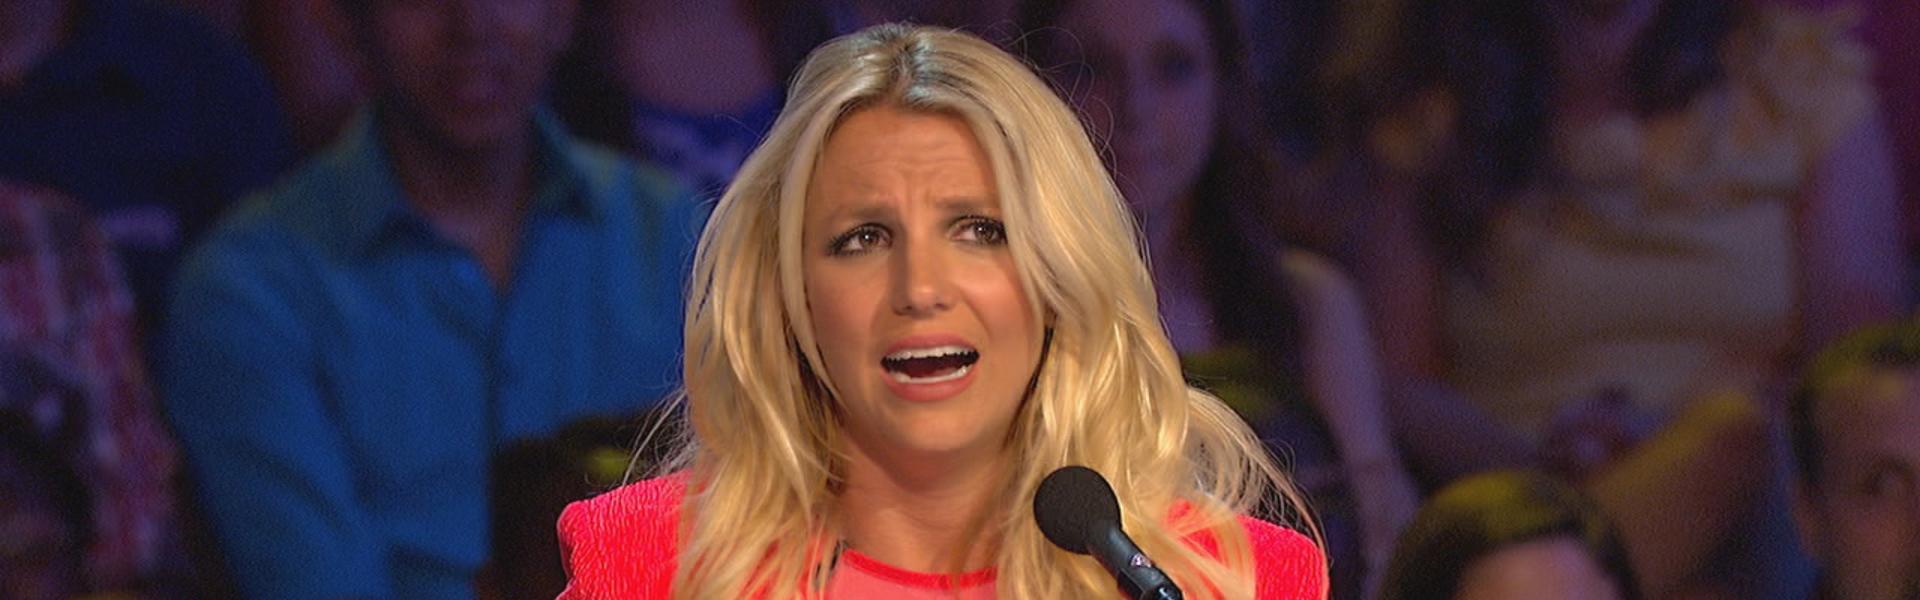 Britney header 2